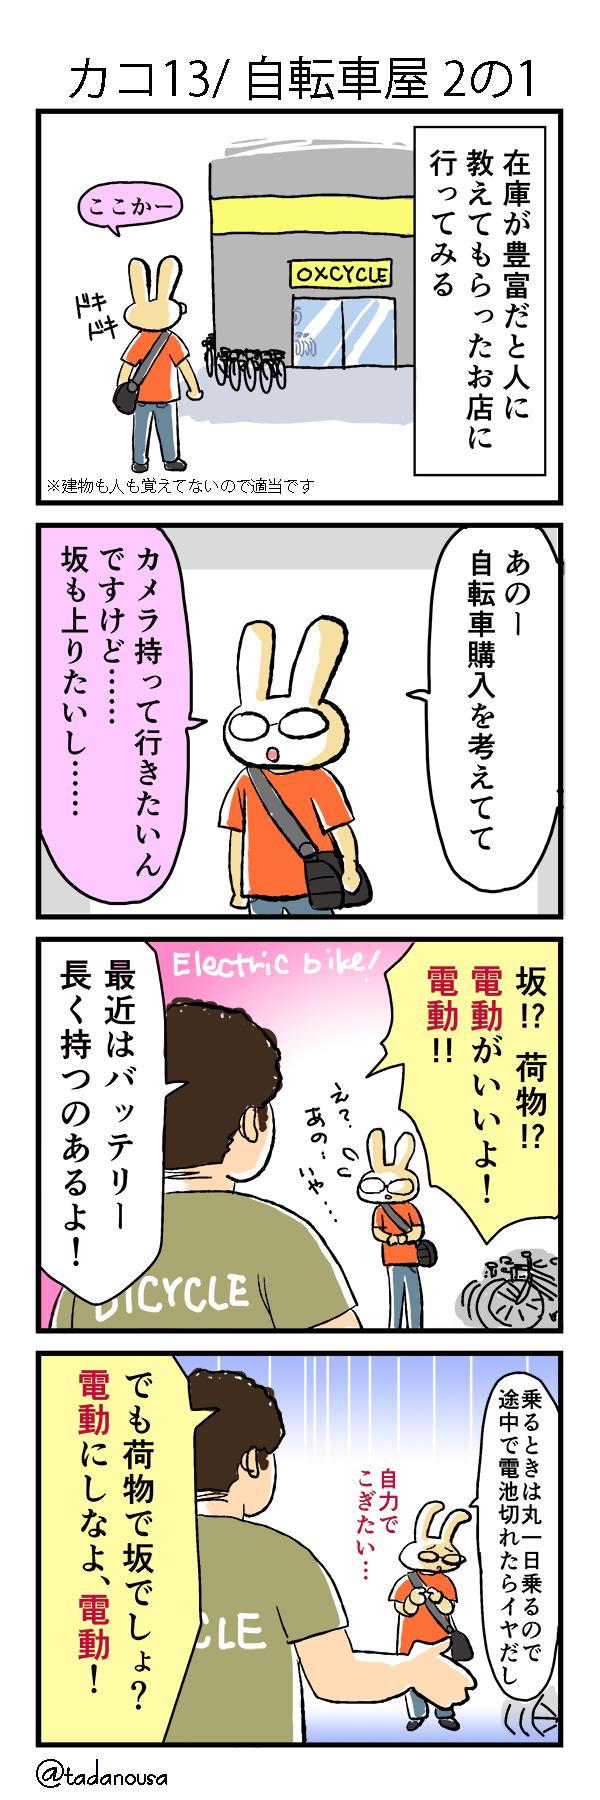 カコ013_1